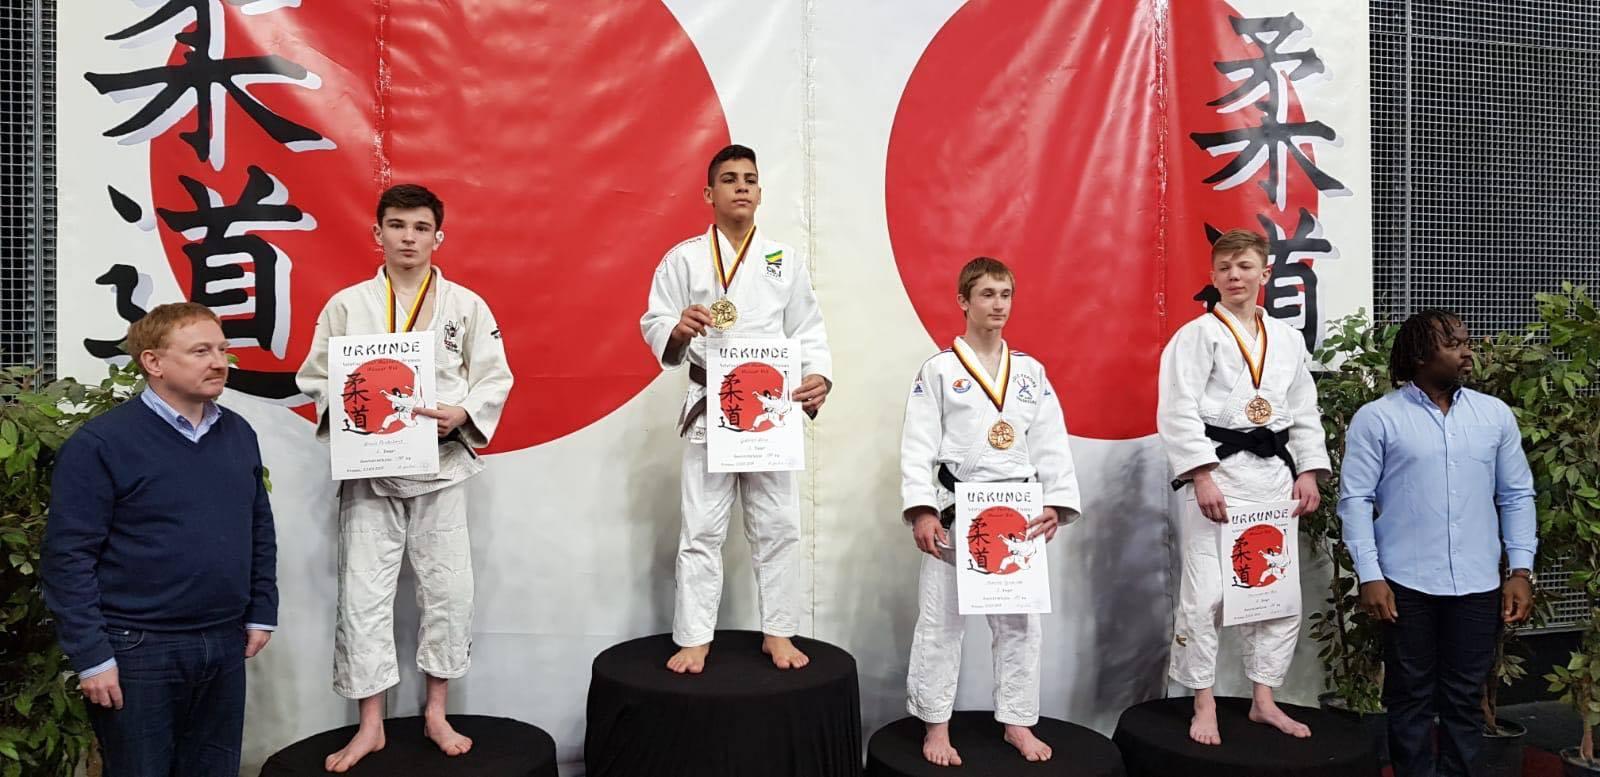 Interreg Judo Team - Bremen & Bad Blankenburg 2019